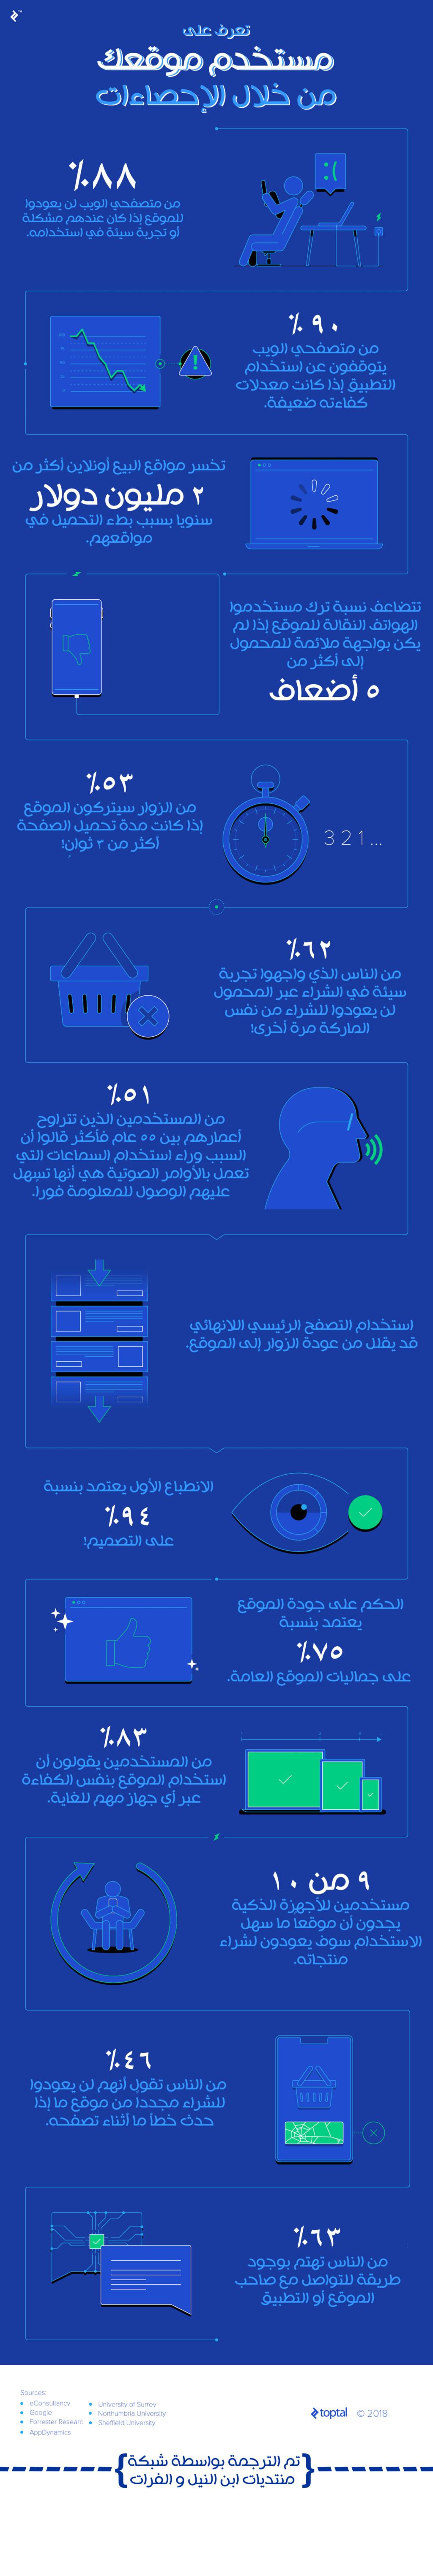 تعرف على مستخدم موقعك من خلال هذه الإحصائية Transl10